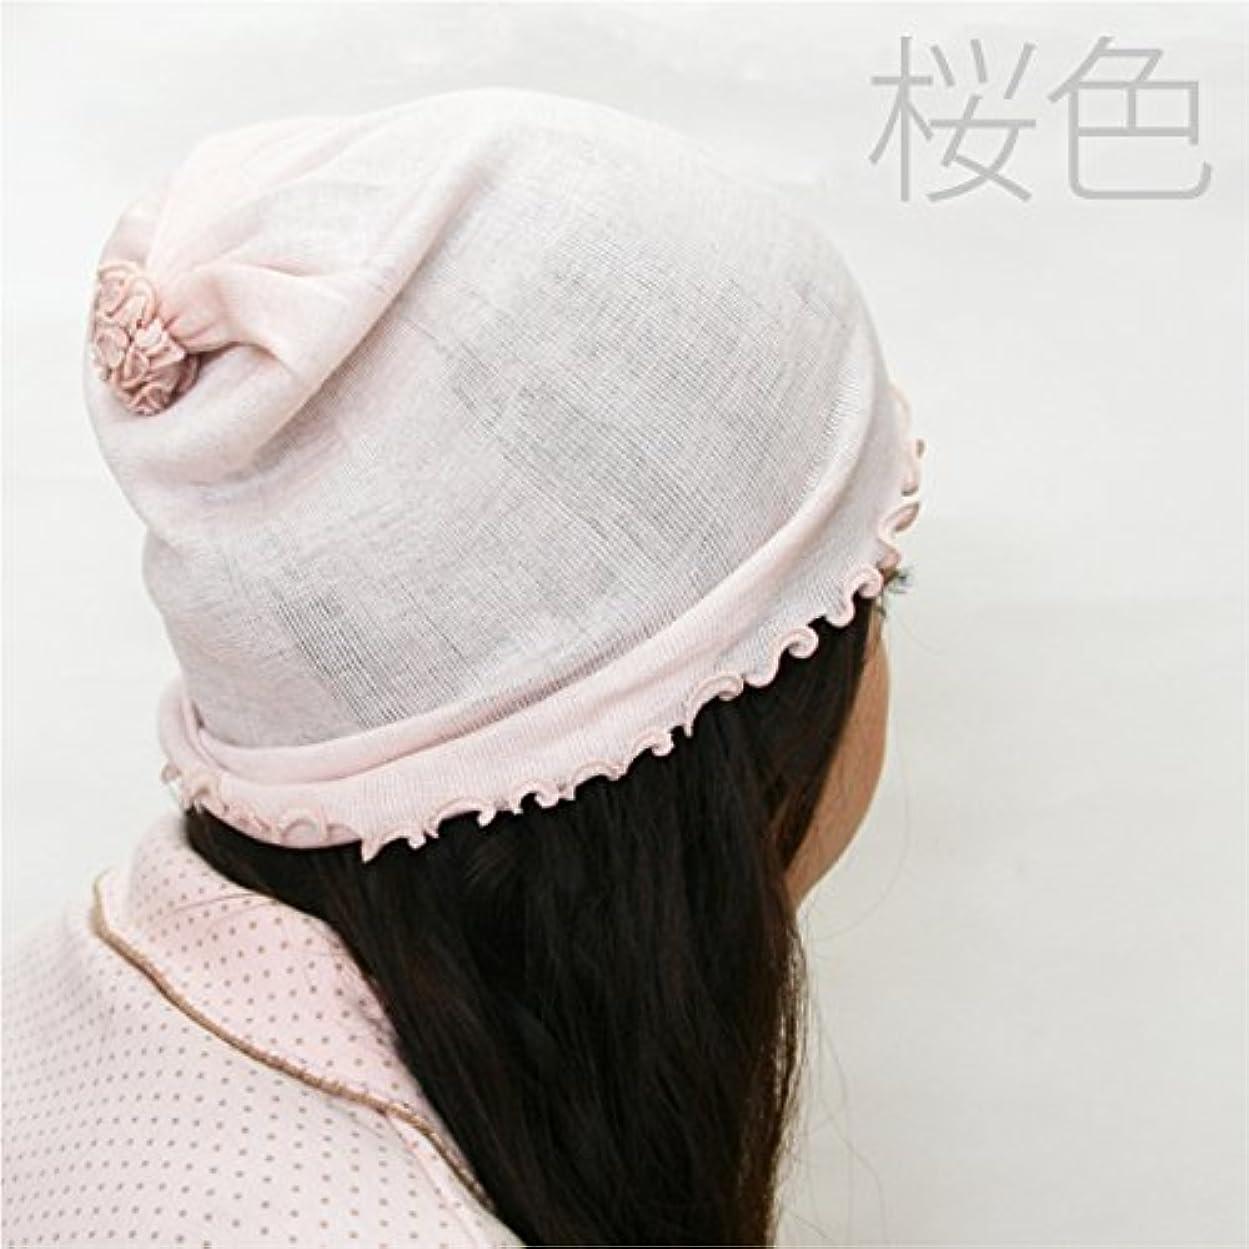 アセンブリ有料有害絹屋 シルクナイトキャップ SO4463 02桜色